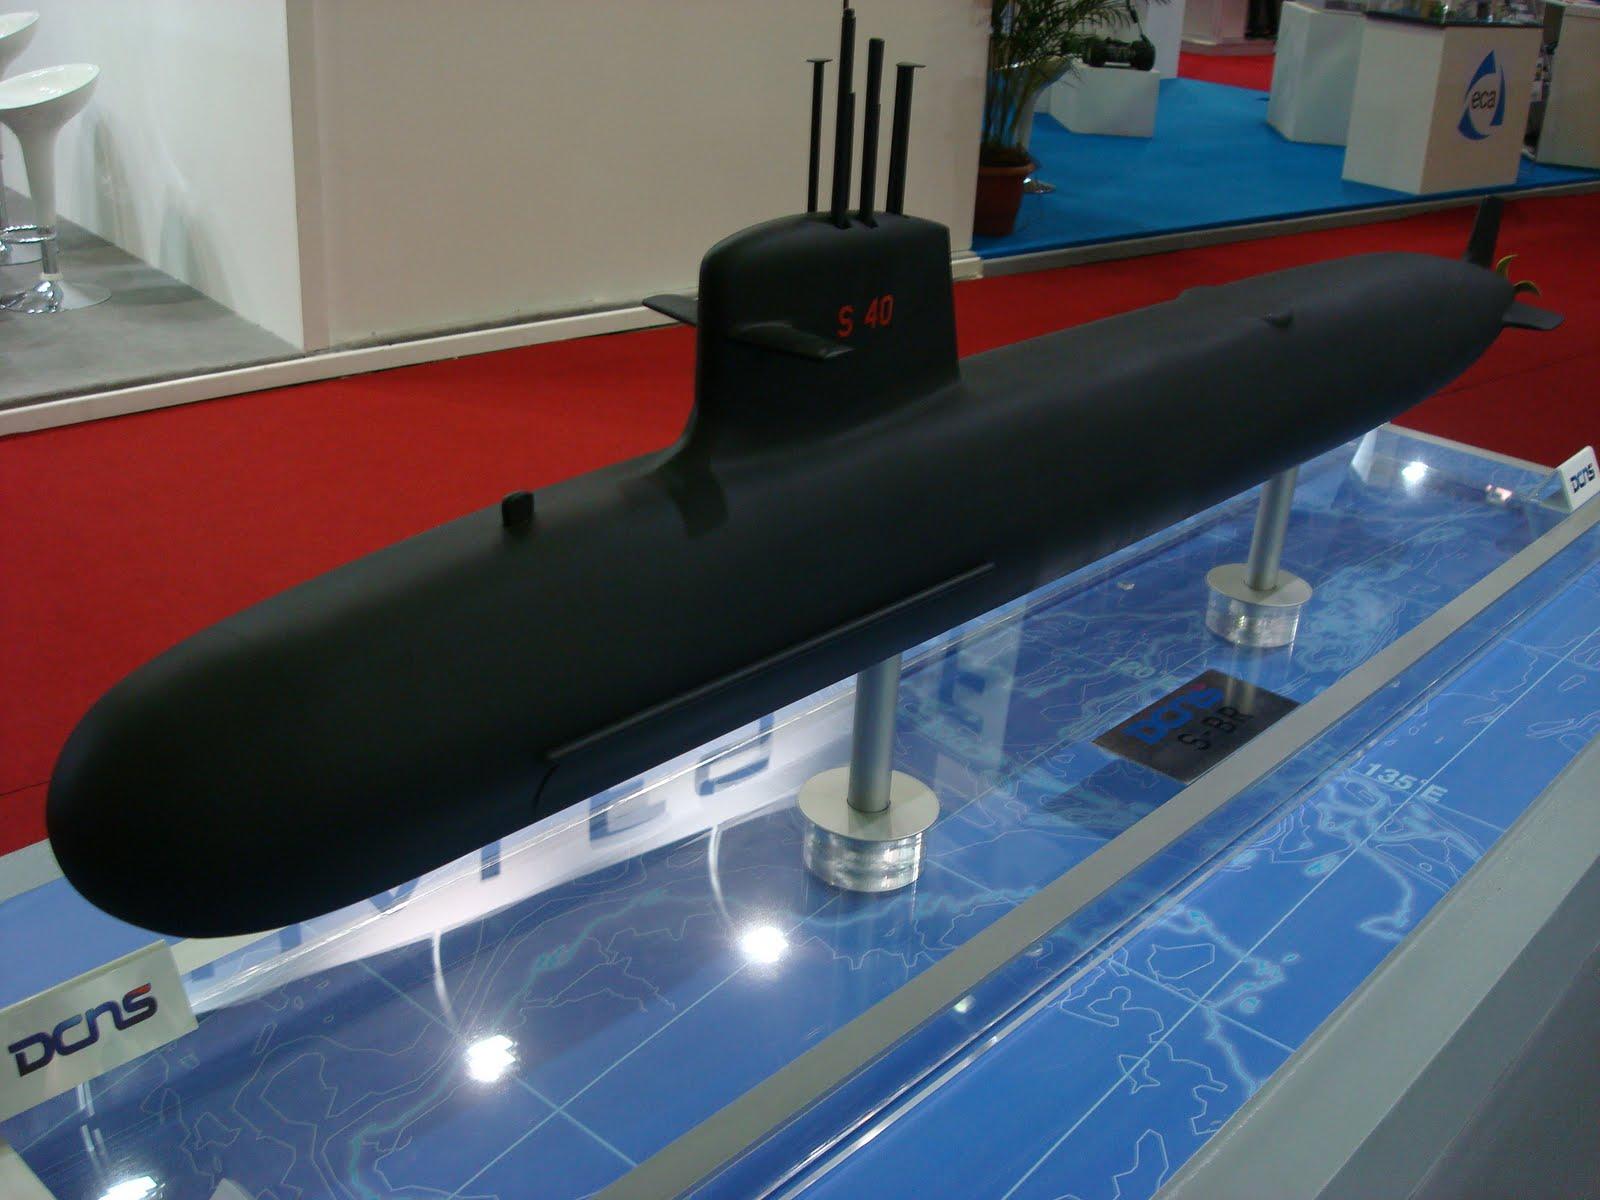 DCNs: Polônia poderá produzir seus próprios submarinos